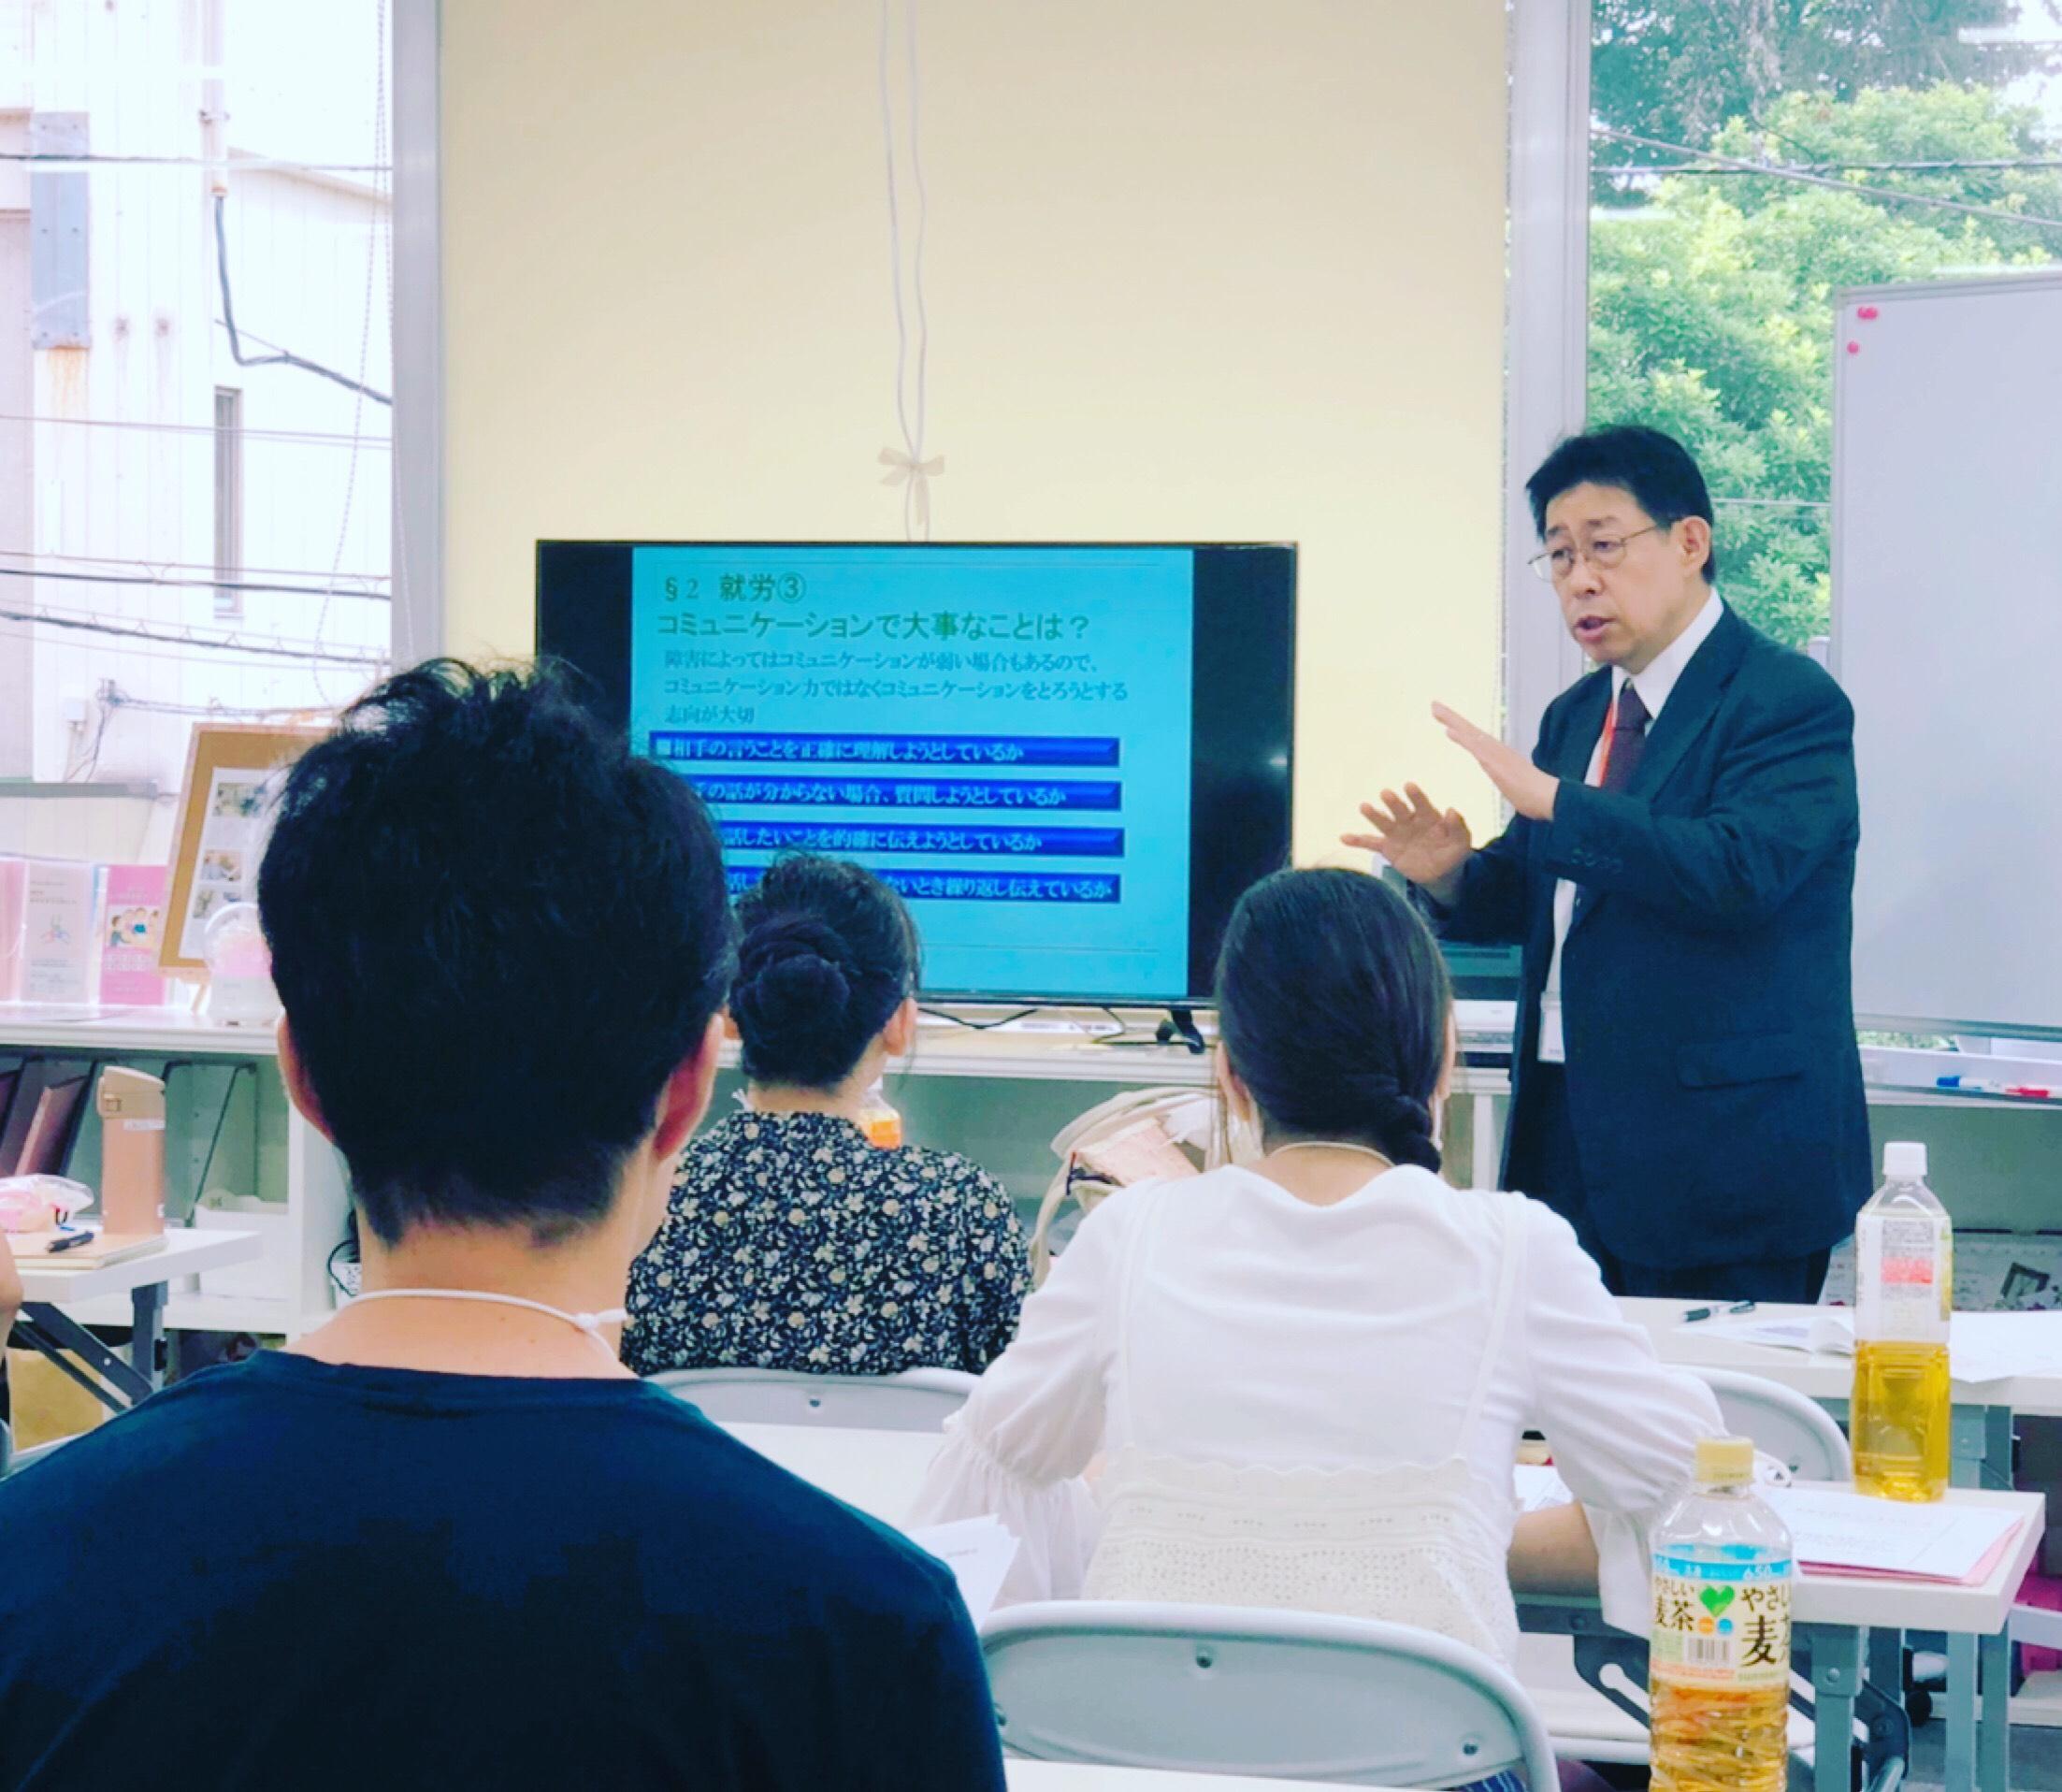 【スターティアウィル】就労移行事業所「スマイルハート柏」にてスターティアウィルの代表取締役、飯田和一の講演会を開催しました。